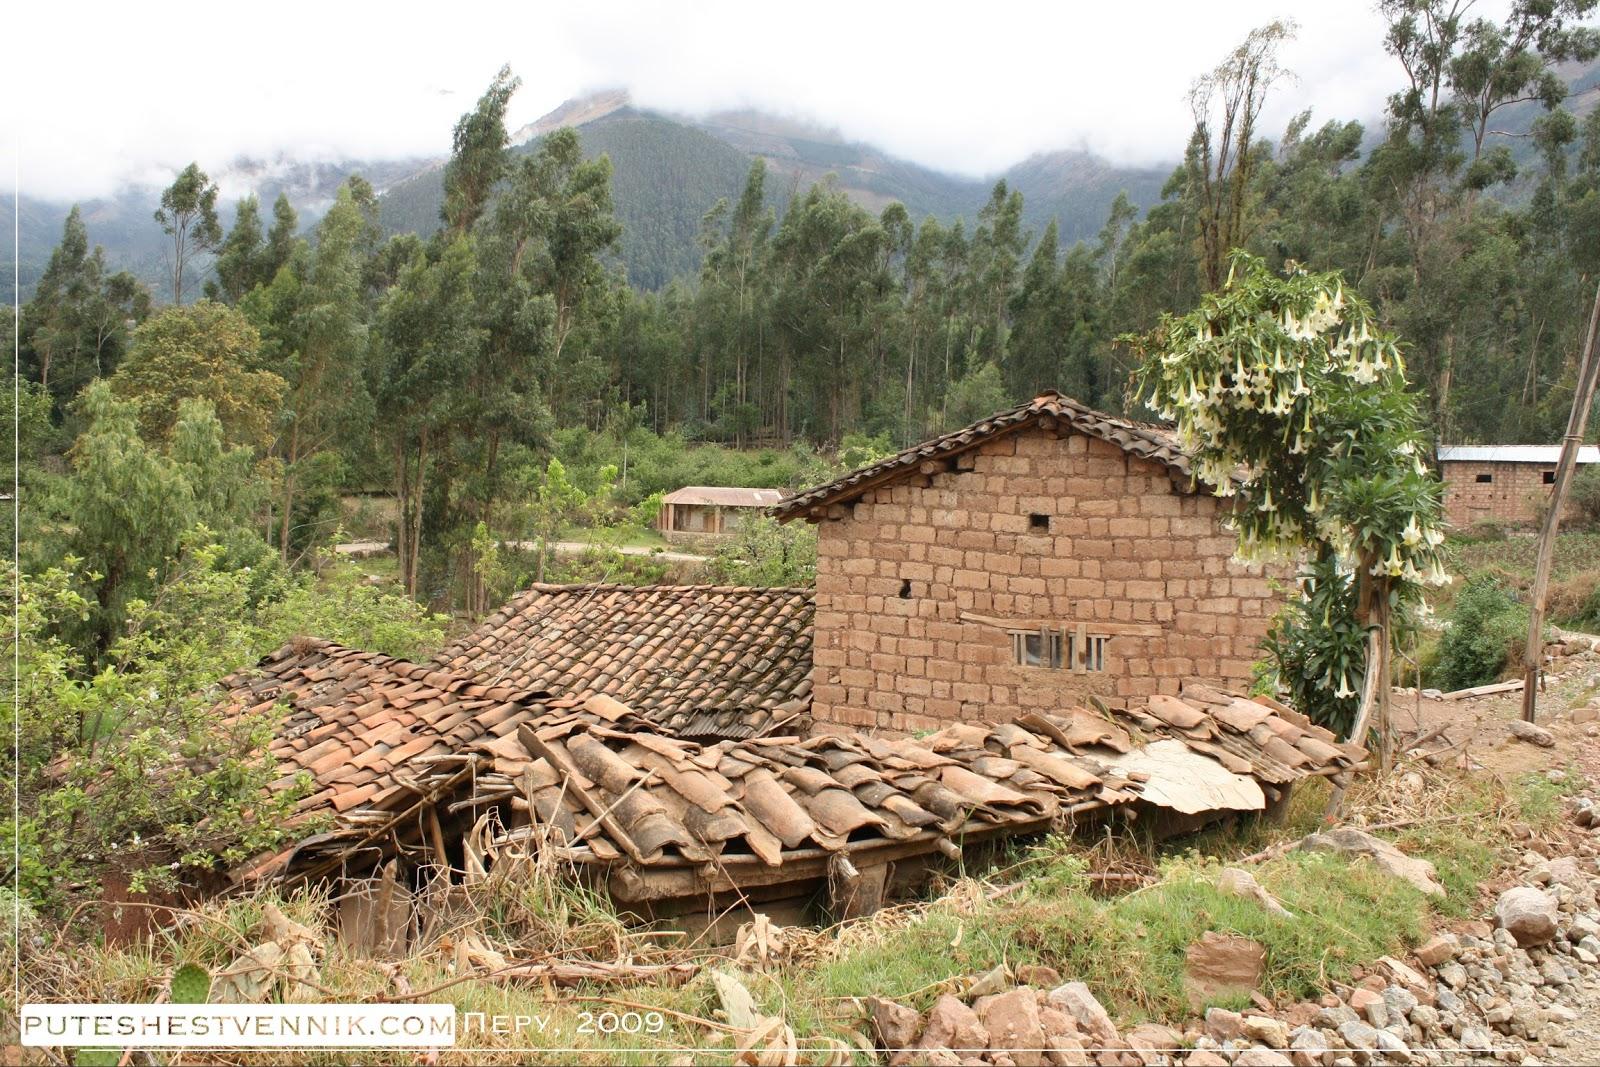 Черепичные крыши домов деревни в Перу